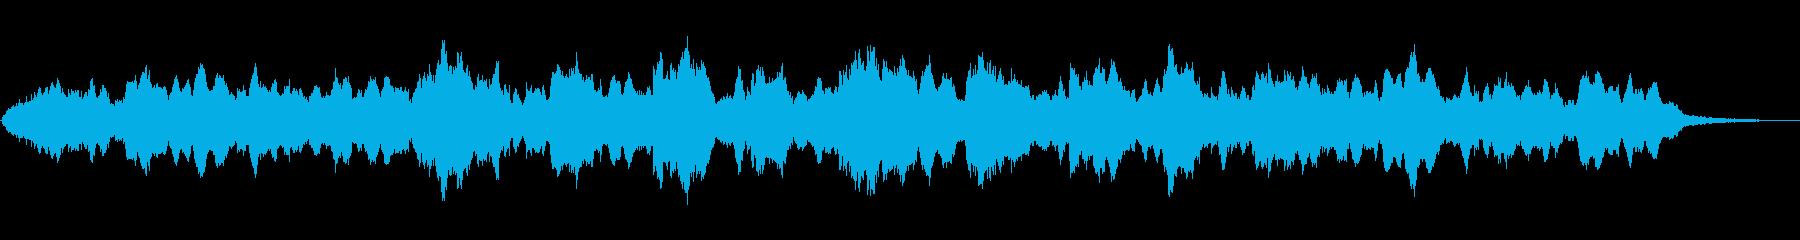 インドの笛シャナイによる神秘的な音風景の再生済みの波形